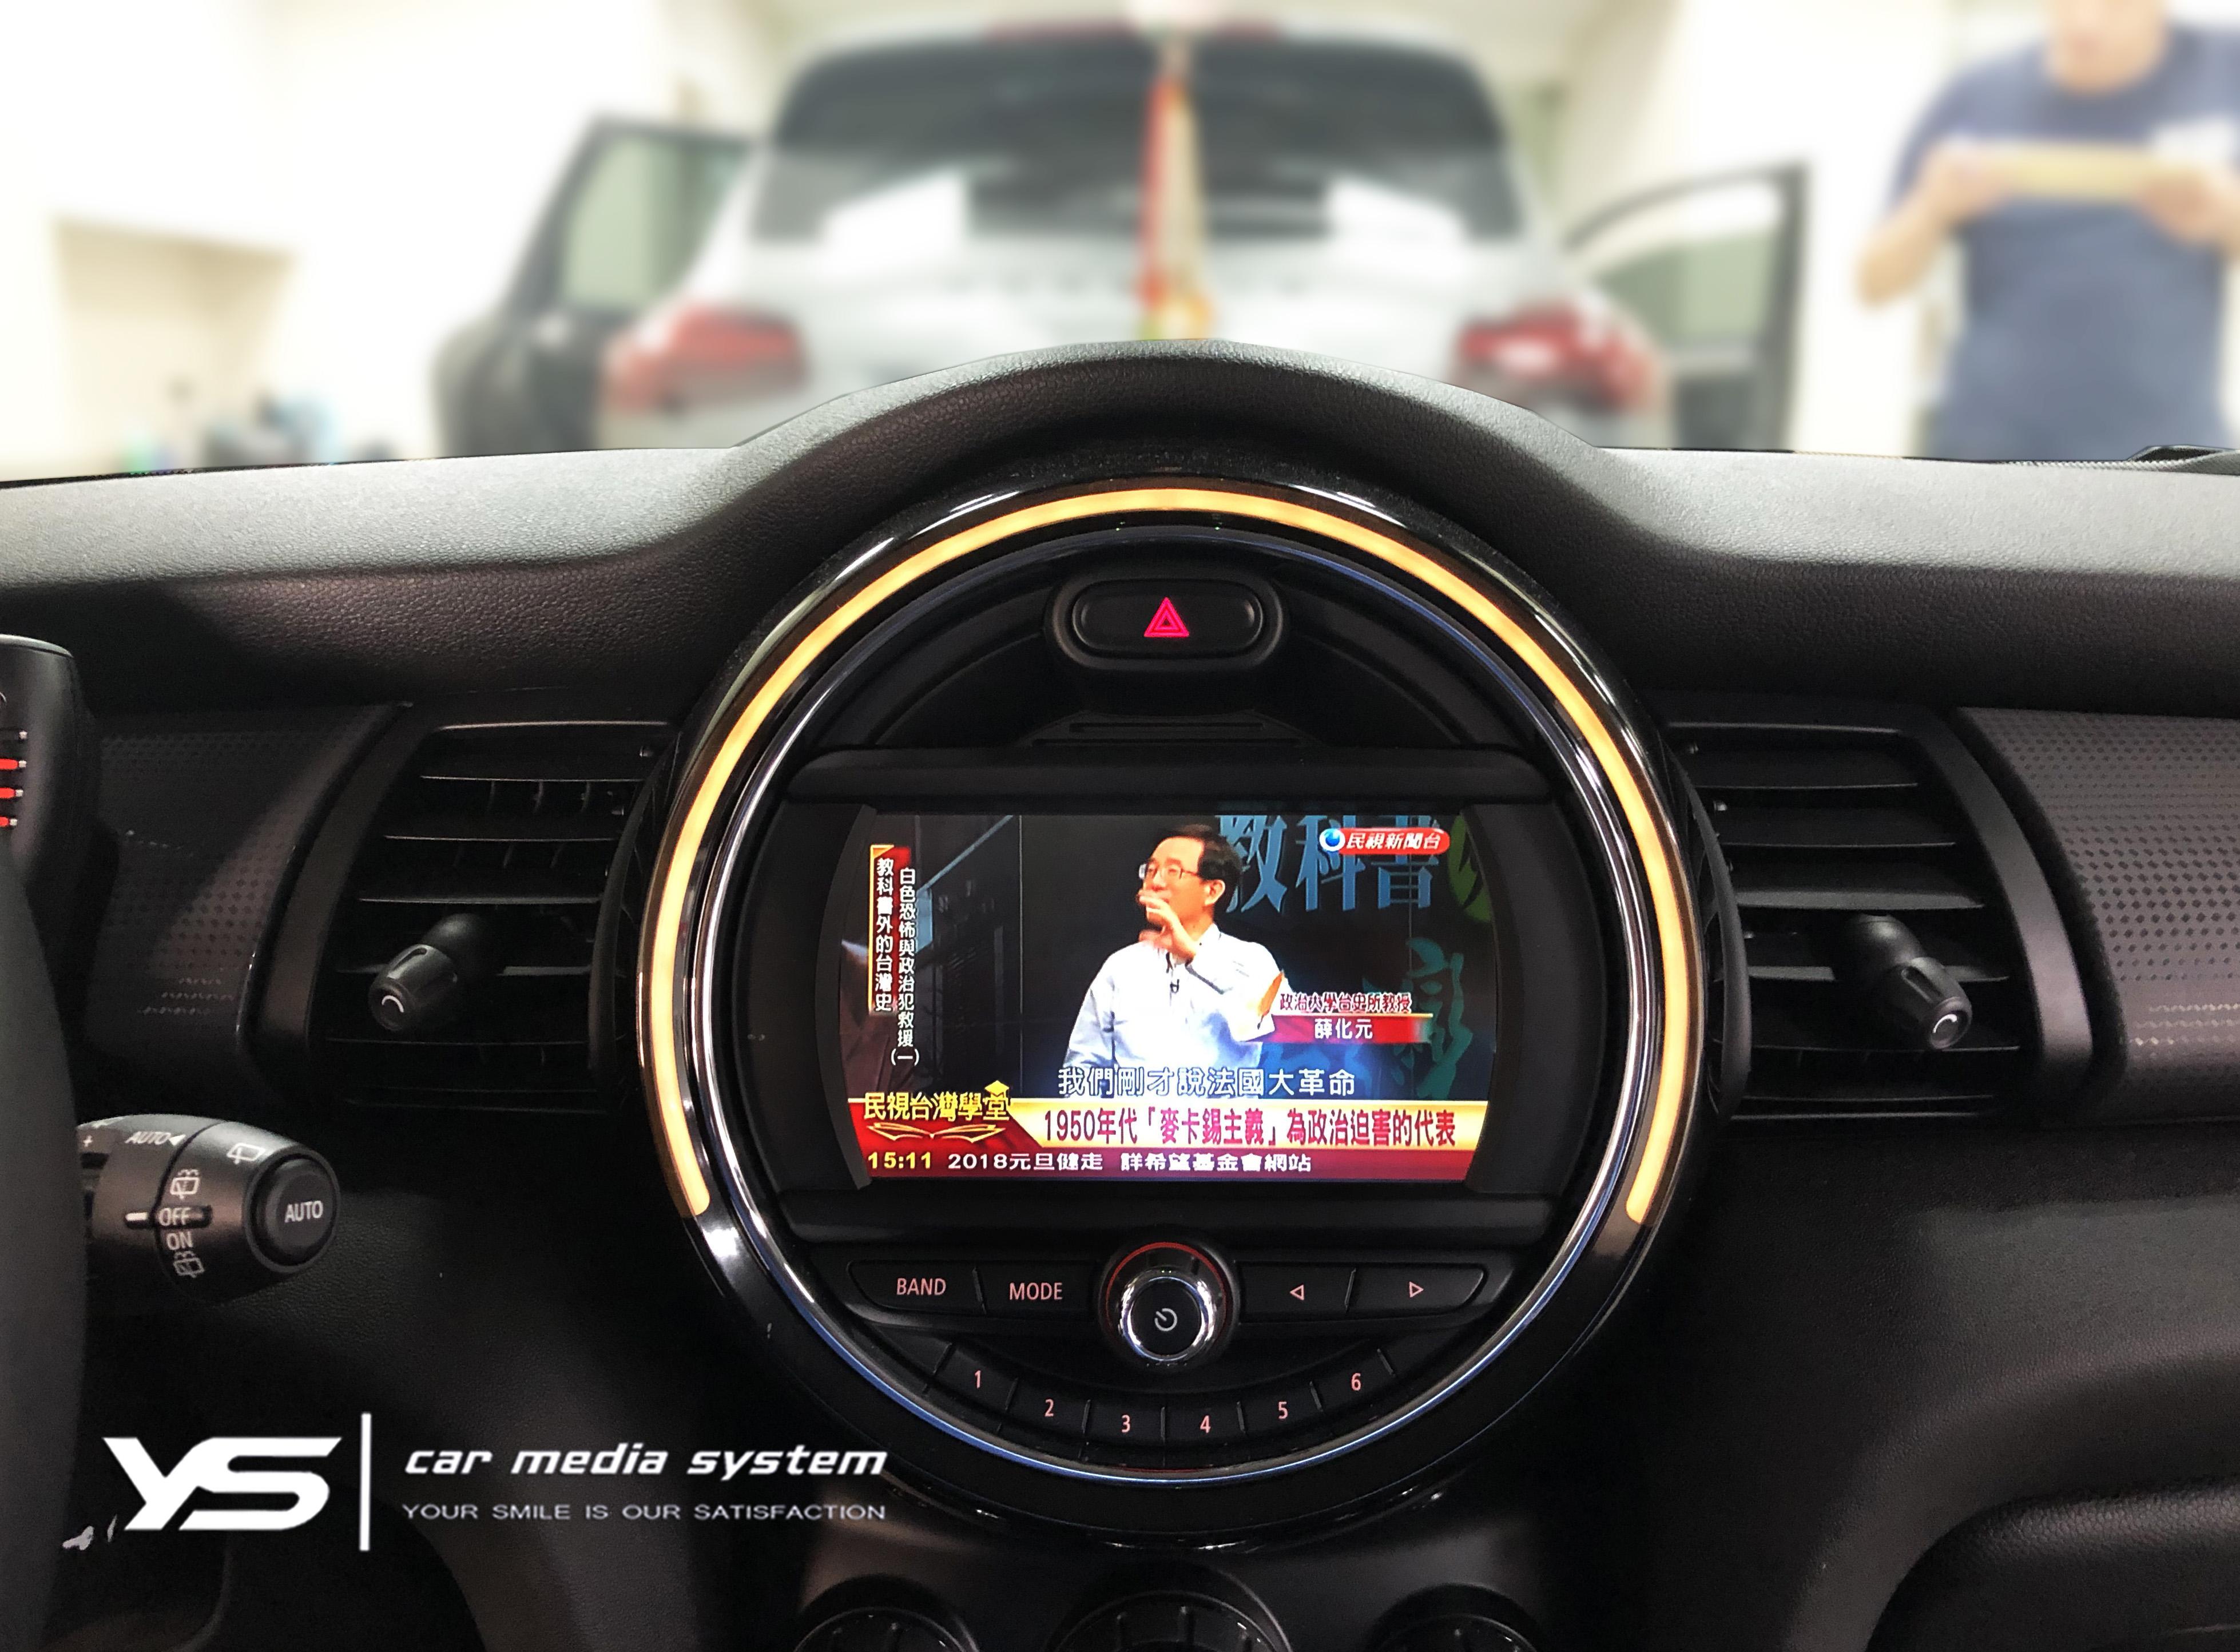 HD高畫質數位電視